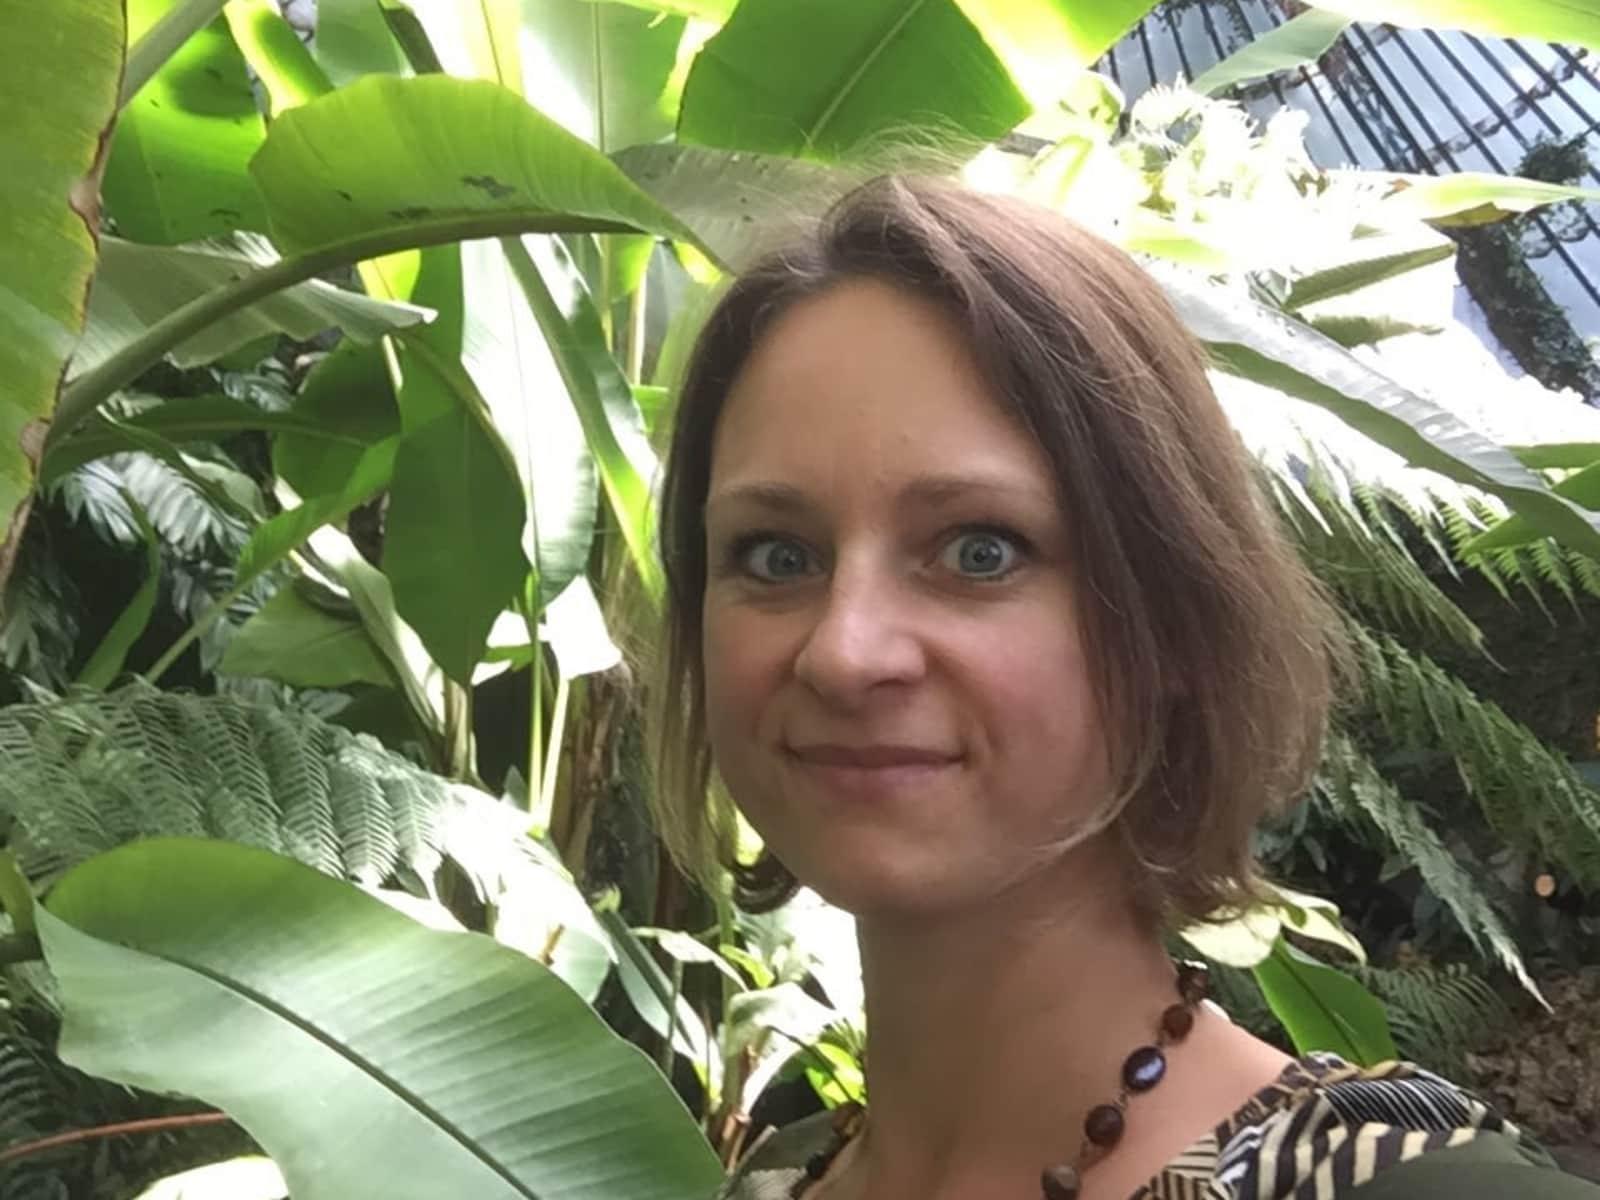 Mirjam from Eindhoven, Netherlands